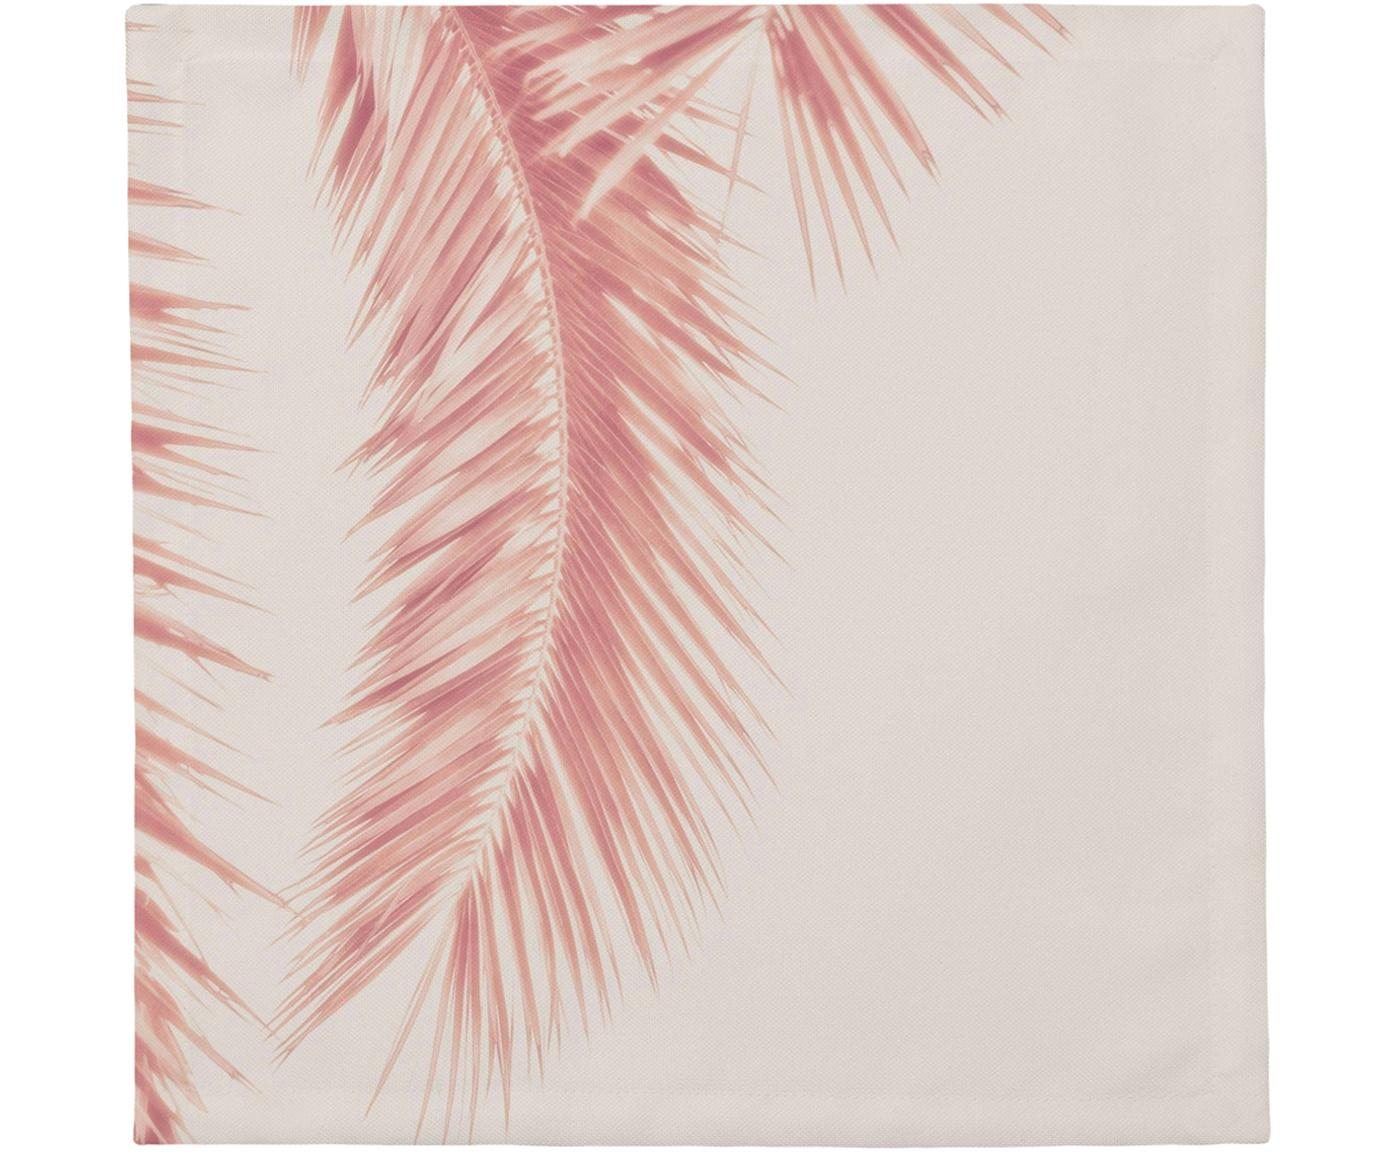 Serwetka z tkaniny Palm Leaves, 4 szt., Bawełna, Odcienie różowego, S 40 x D 40 cm